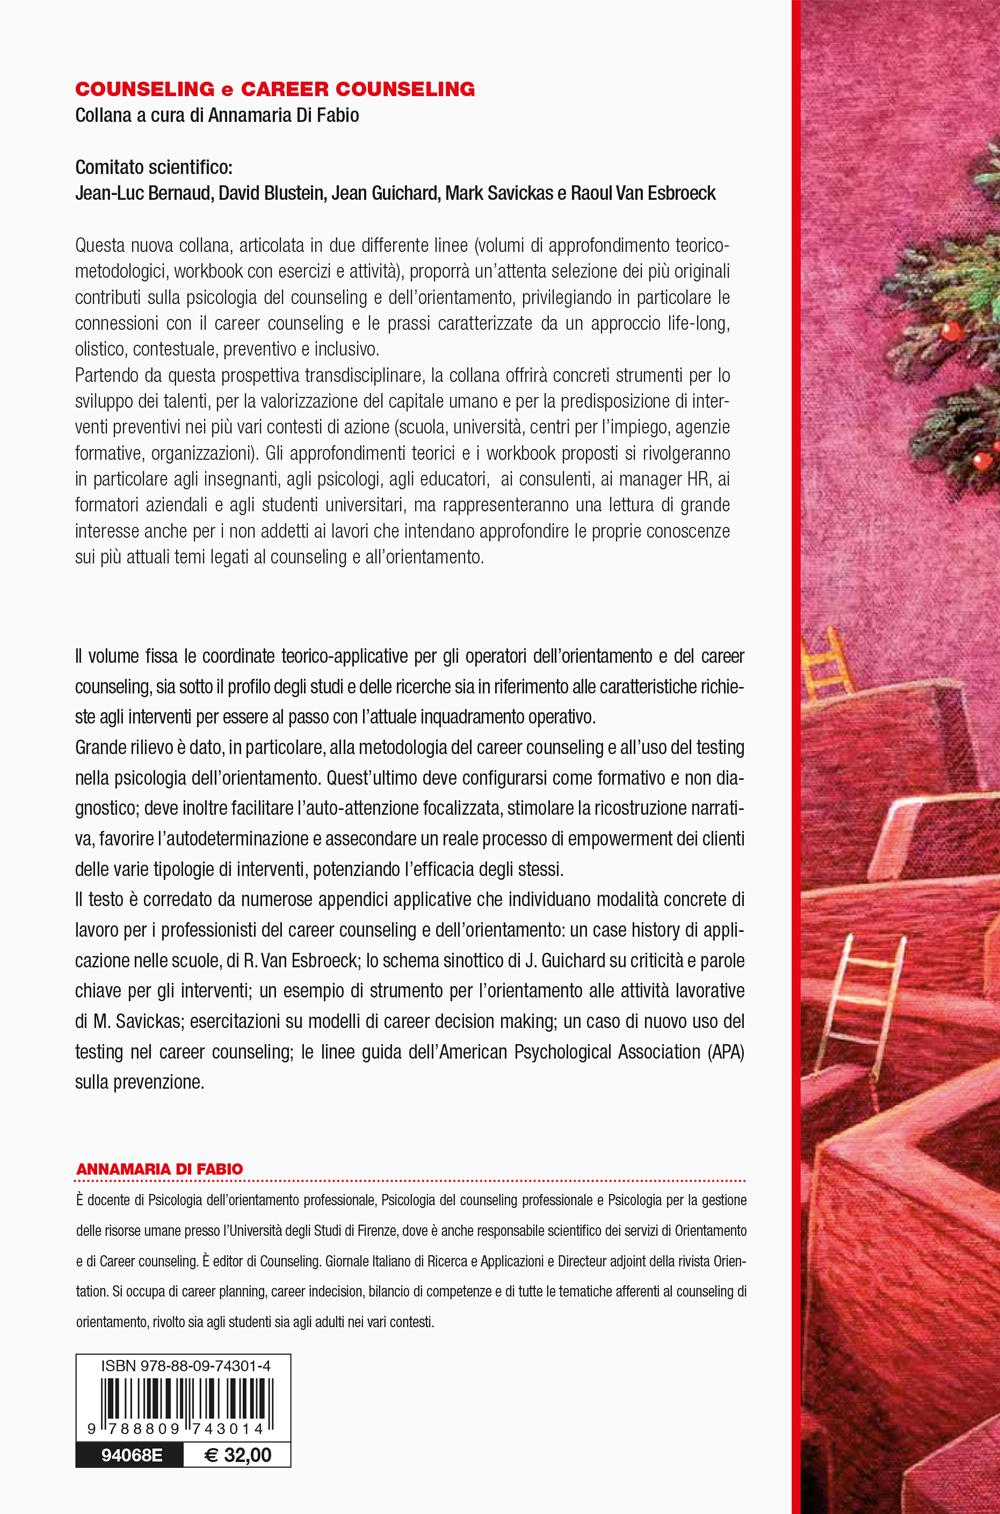 Manuale di psicologia dell'orientamento e Career Counseling nel XXI secolo